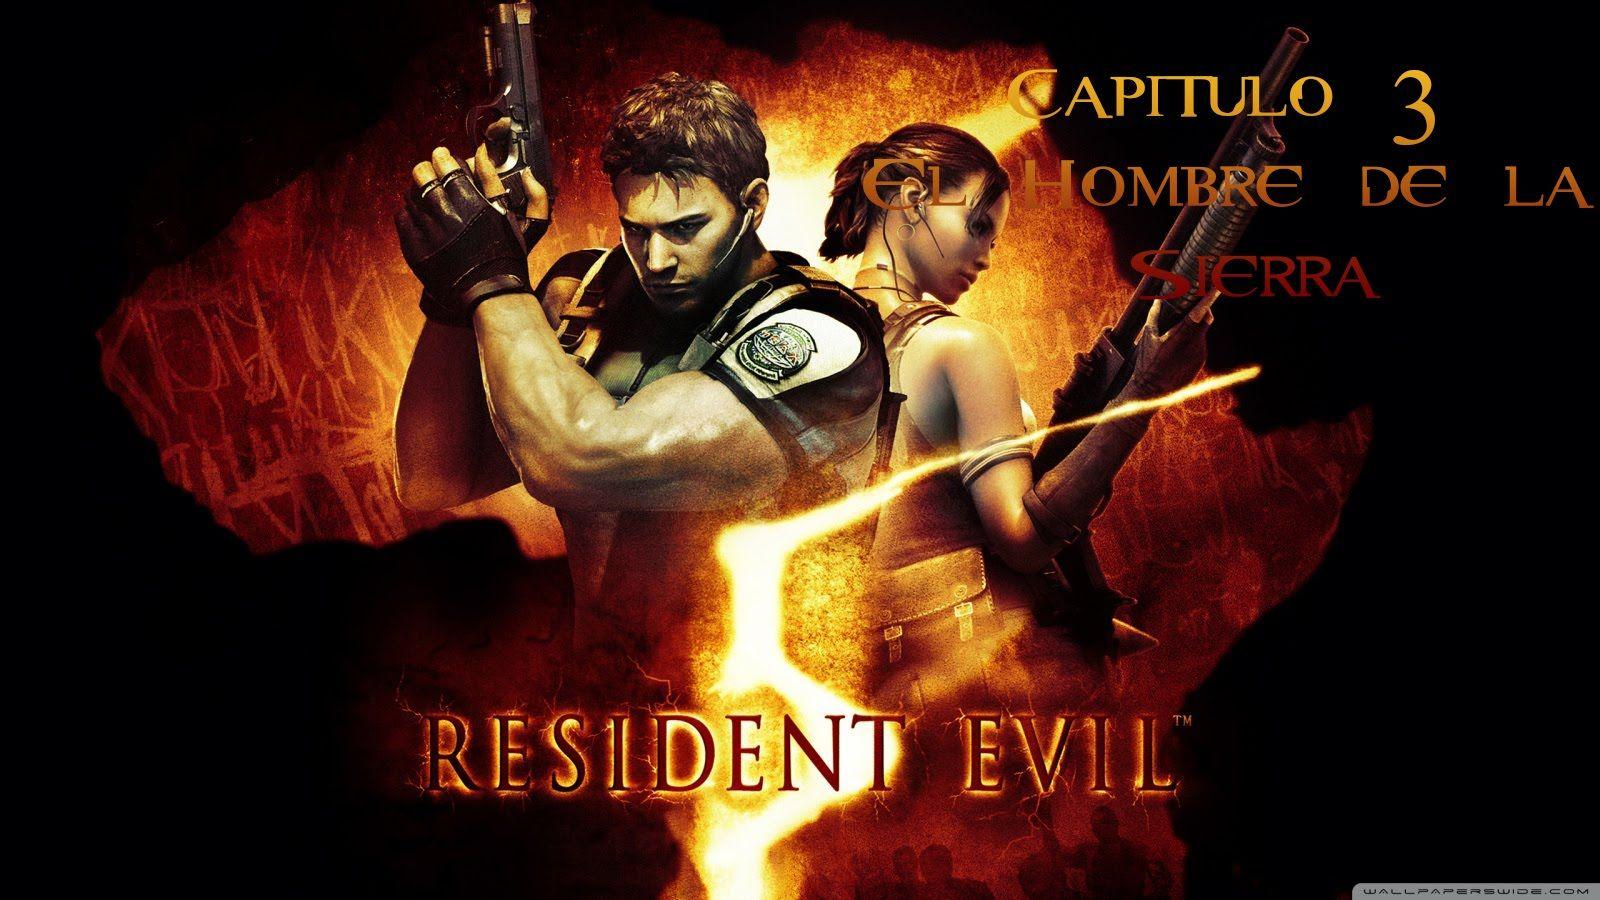 Resident Evil 5 Campaa Cap 3 El Hombre De La Sierra Re5 Revelations Ps4 Region English